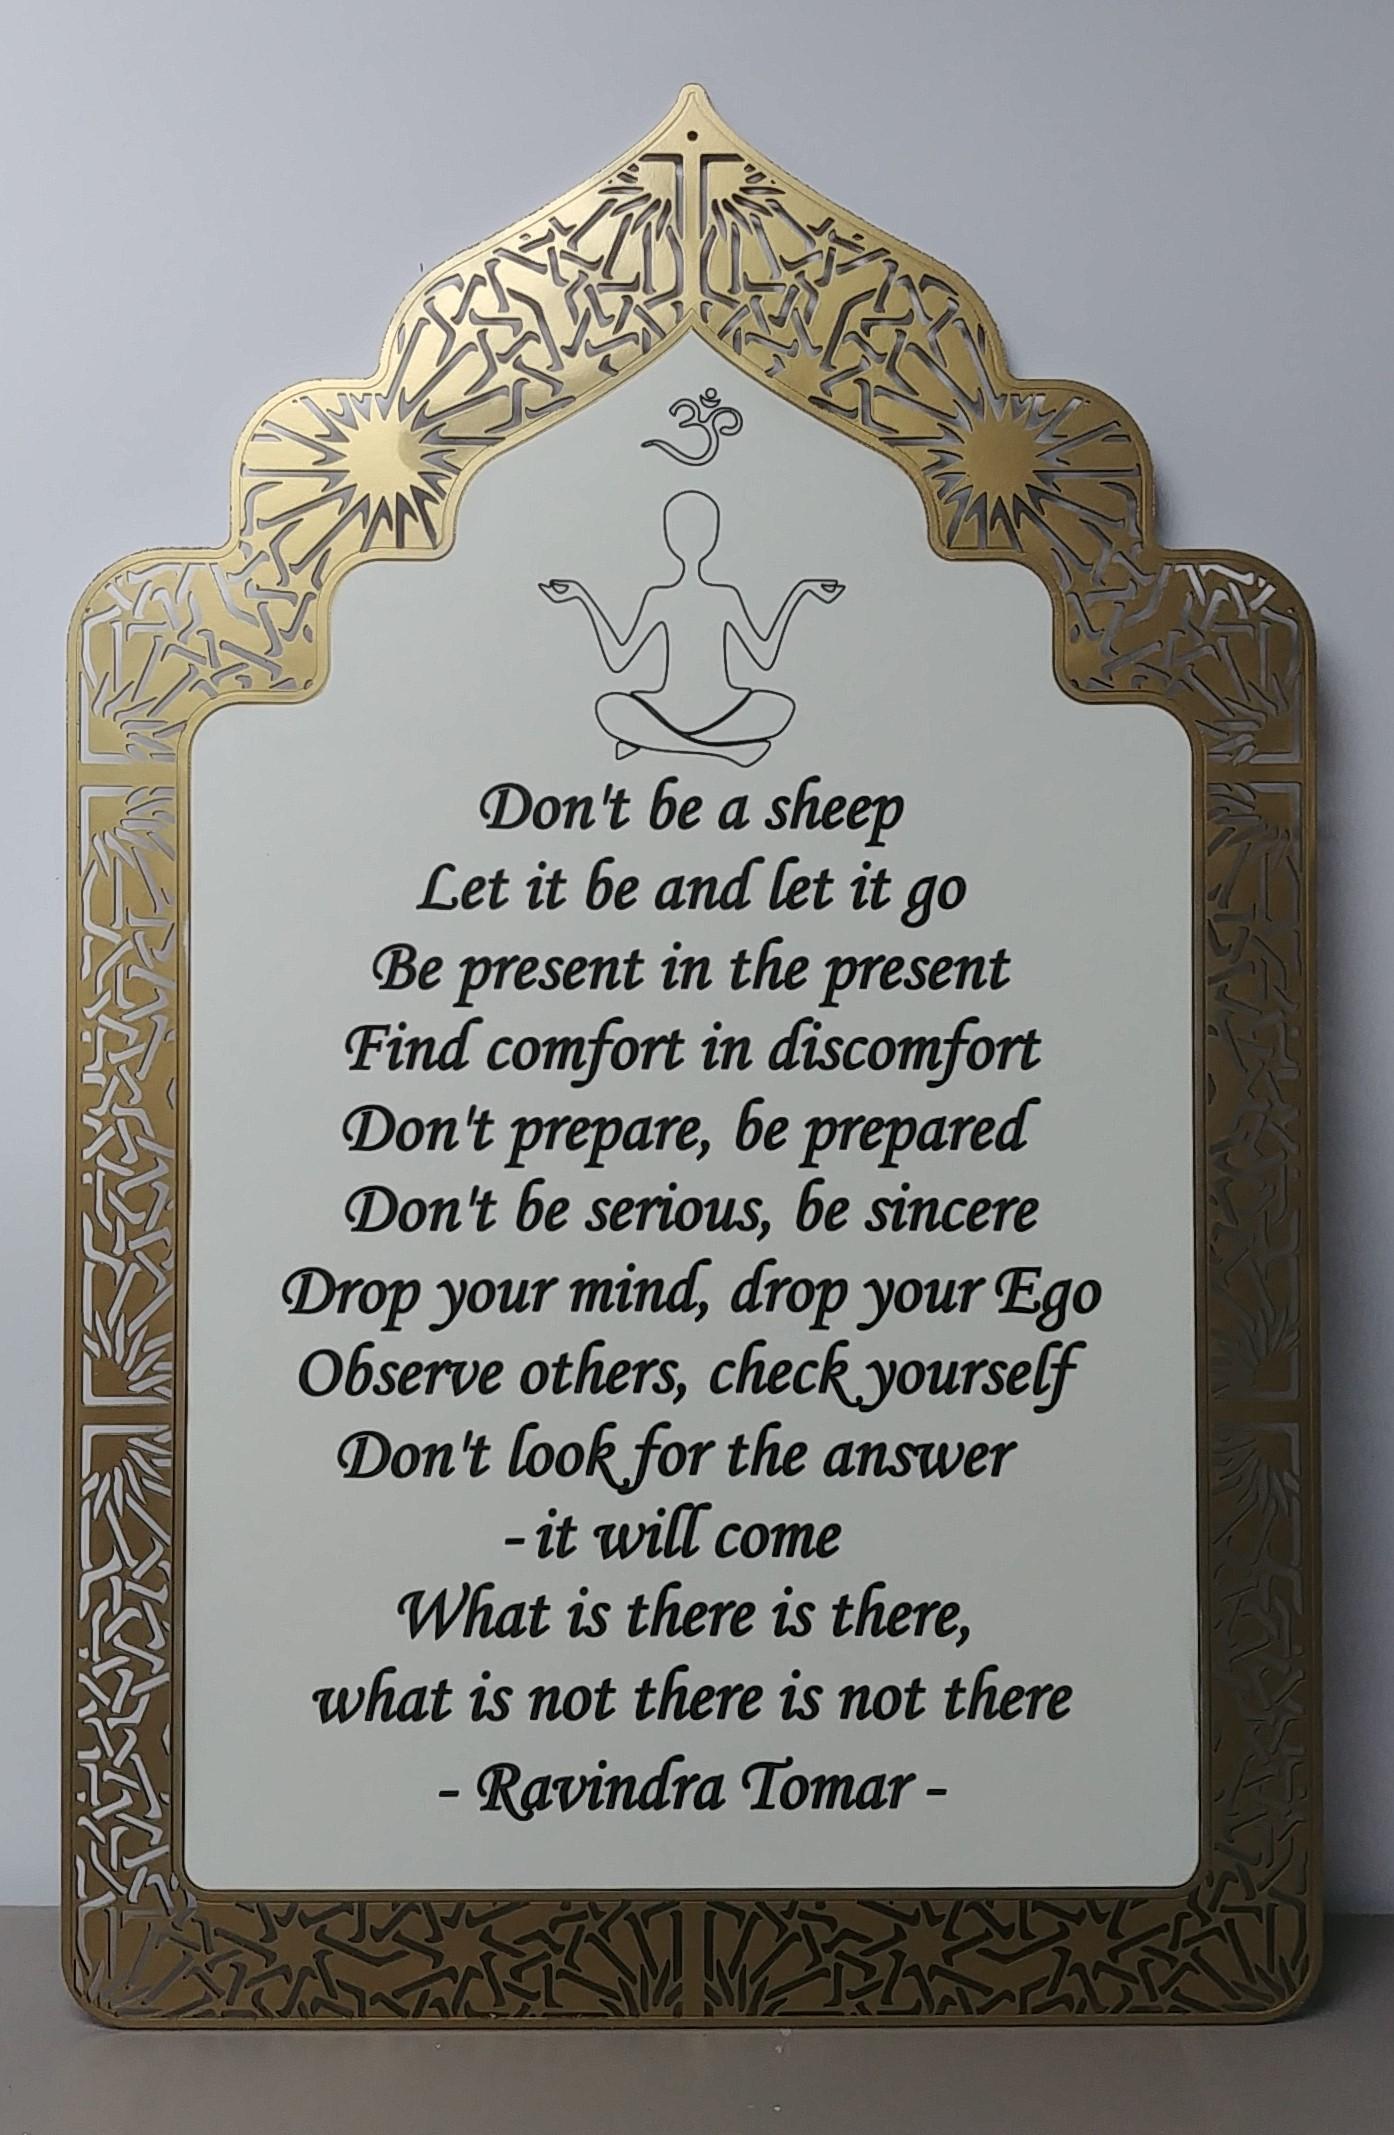 Ravi's quote